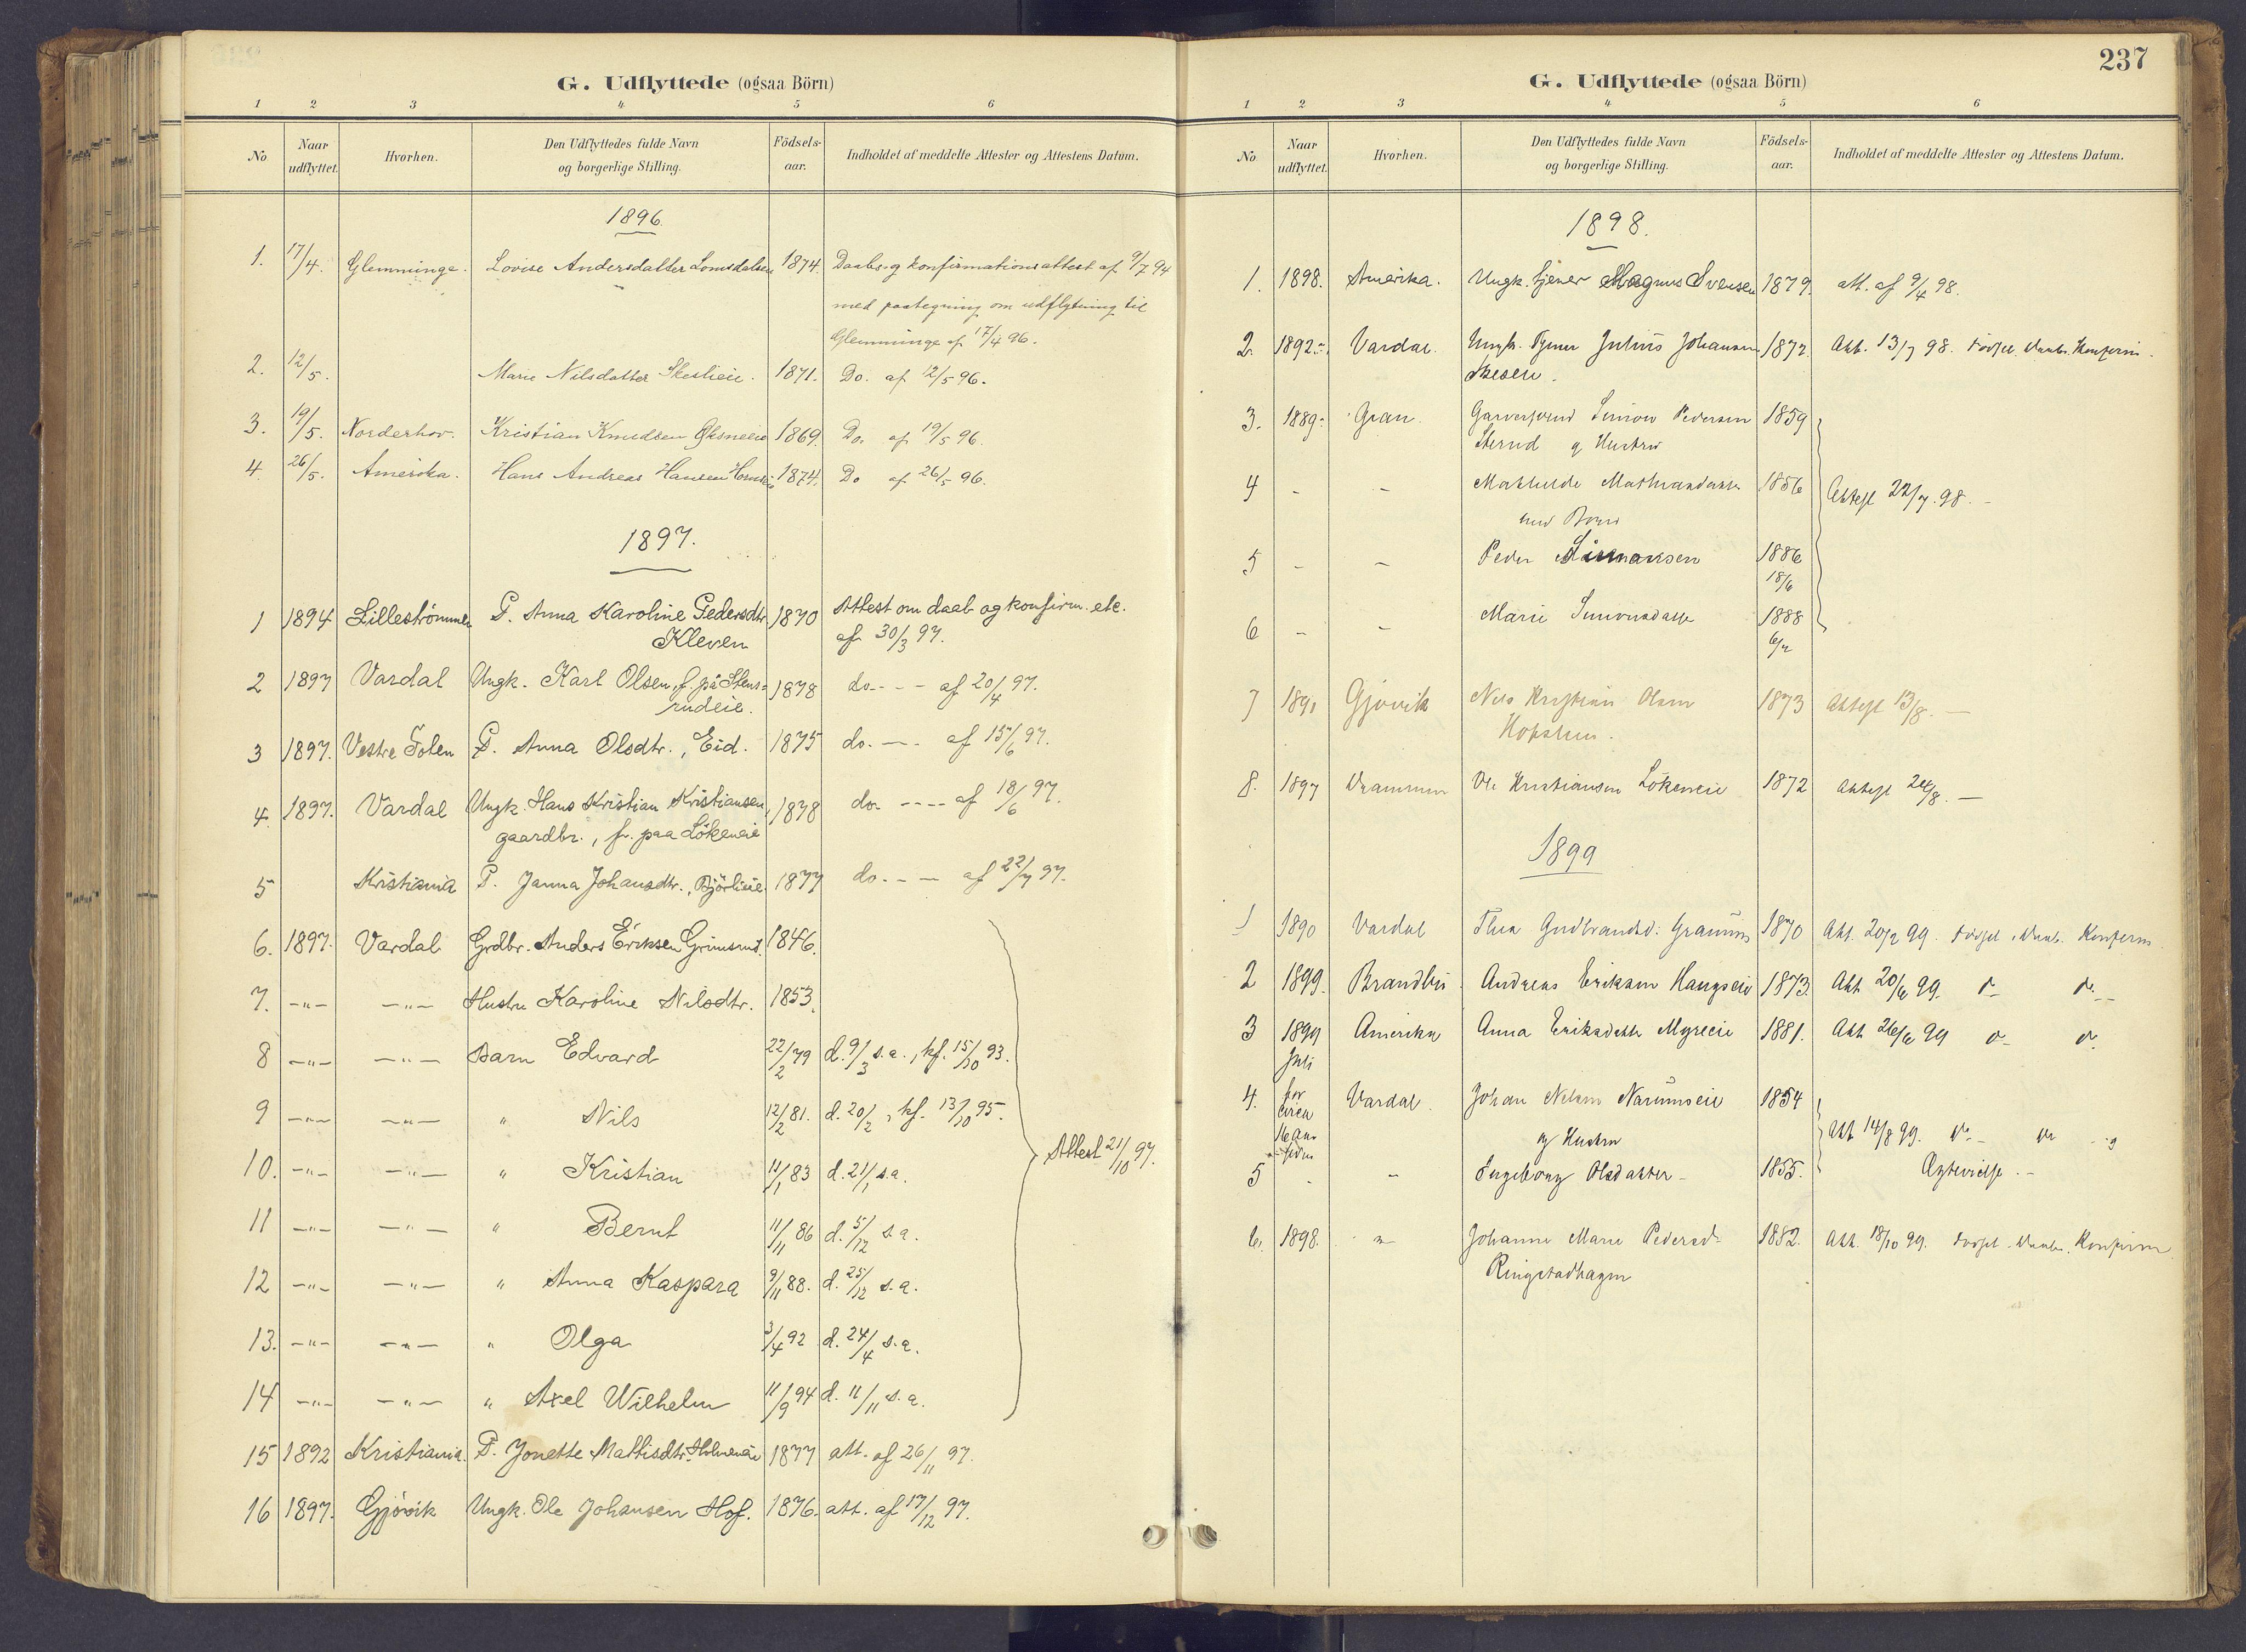 SAH, Søndre Land prestekontor, K/L0006: Parish register (official) no. 6, 1895-1904, p. 237